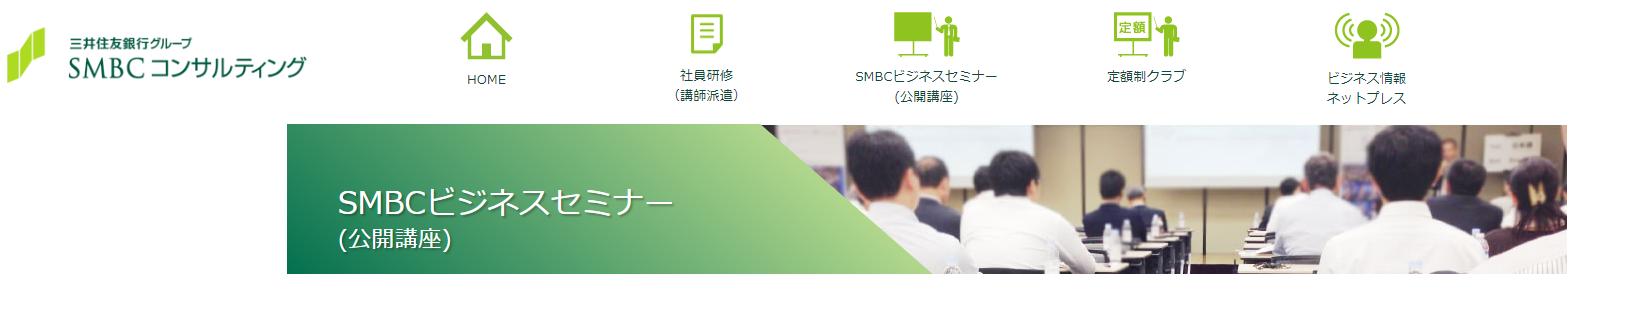 SMBC経営者交流会